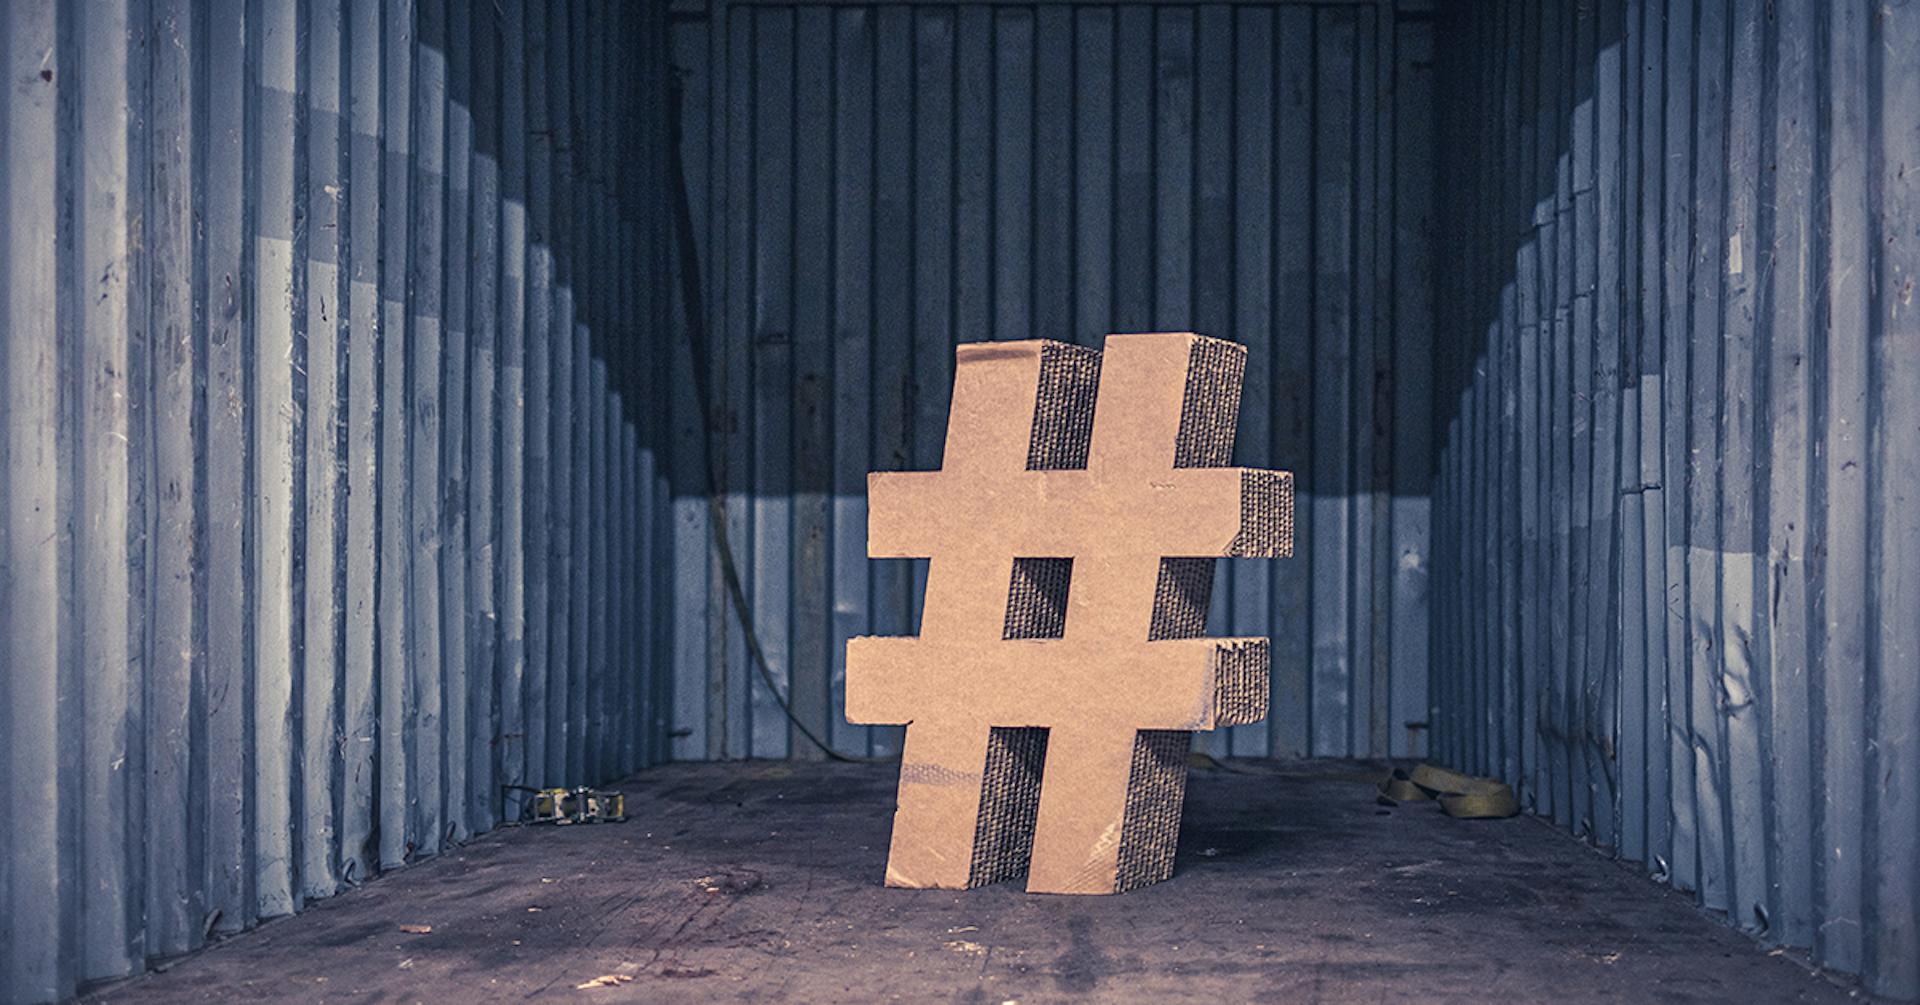 Hashtag: ¿Qué es un hashtag y cómo usarlo?